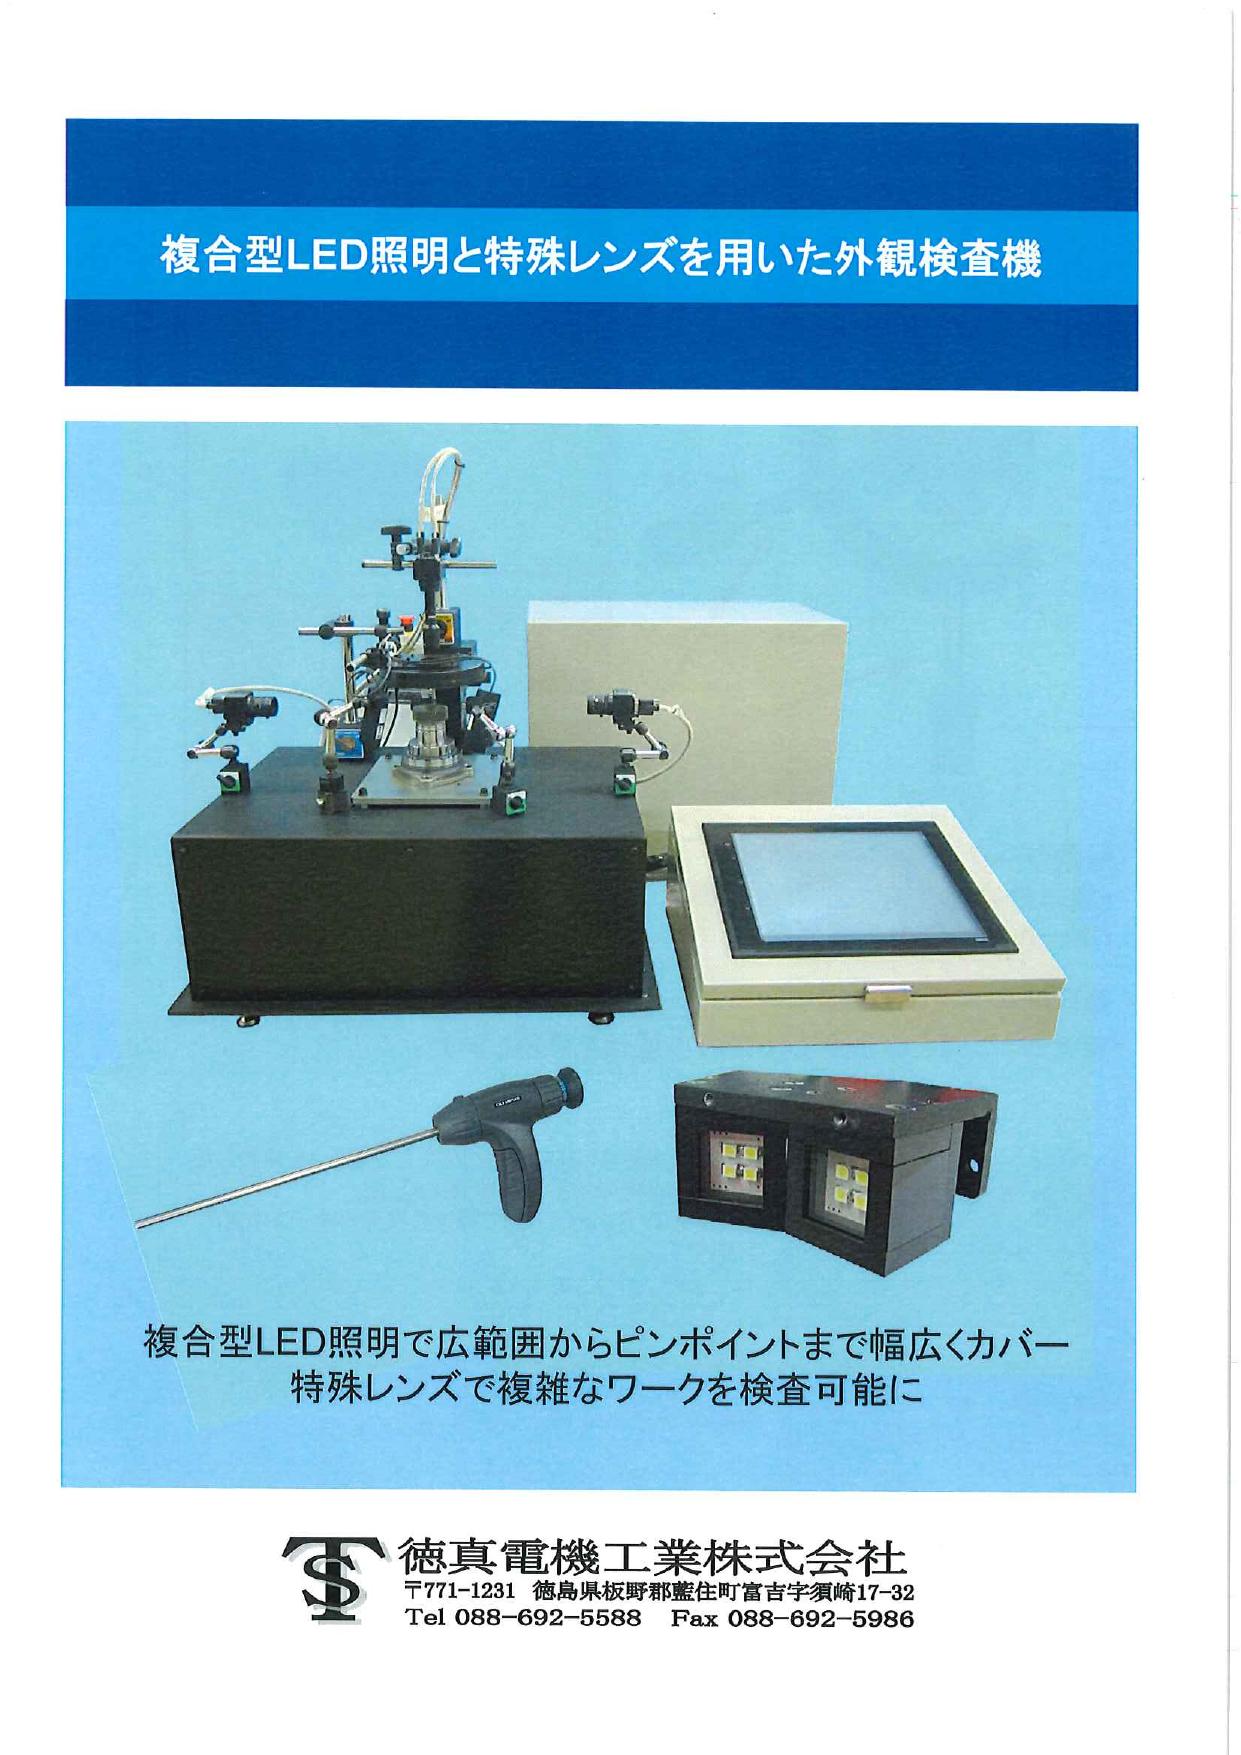 複合型LED照明と特殊レンズを用いた外観検査機